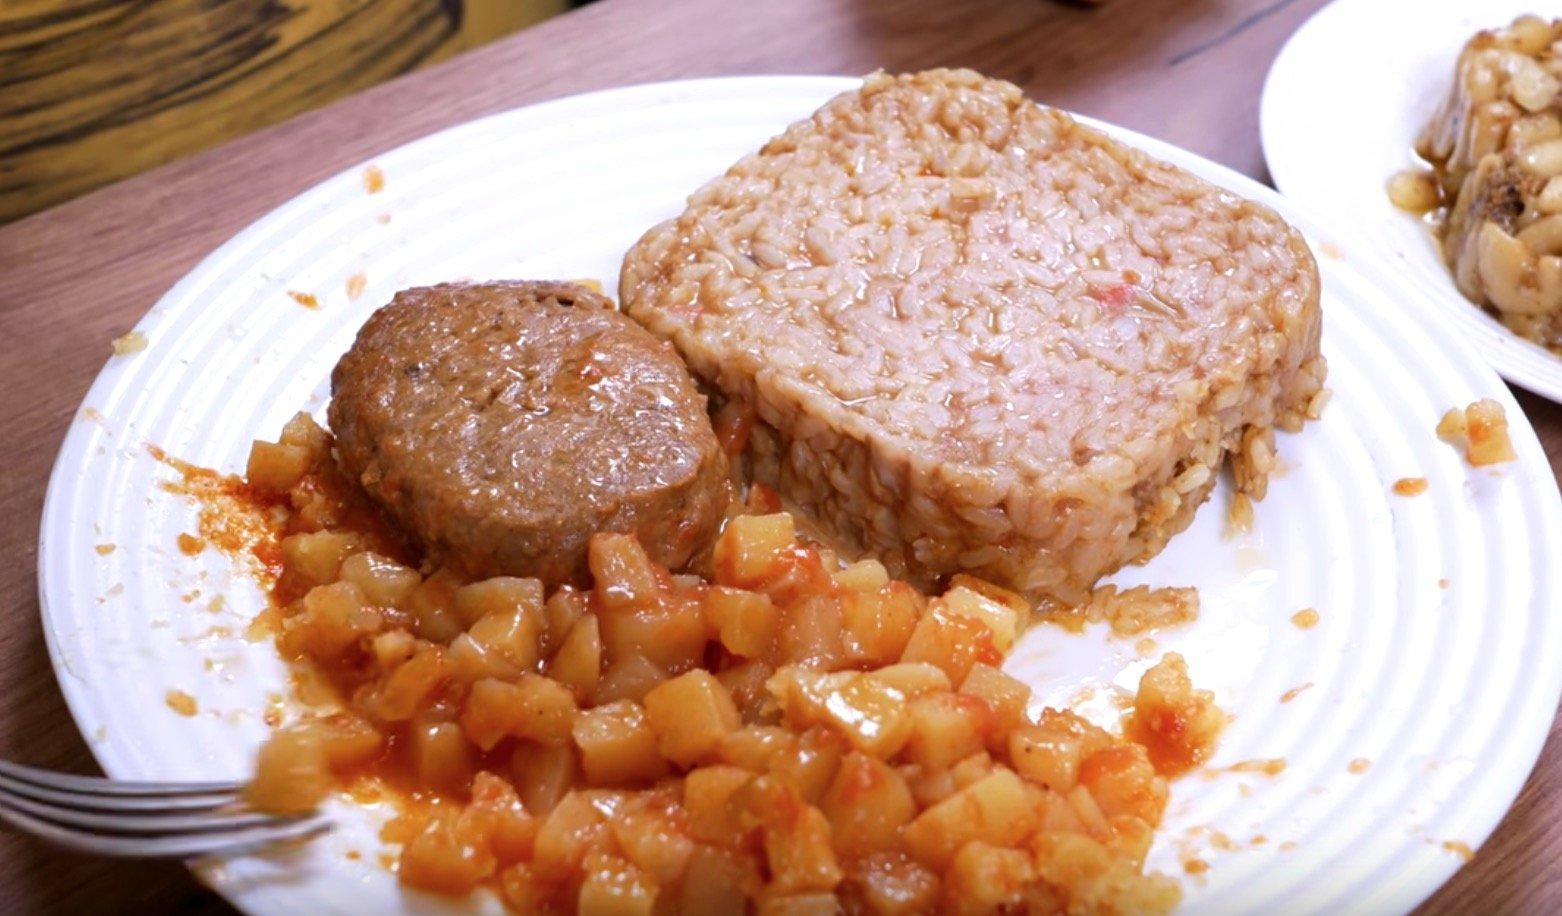 Котлета с картошкой и курица с рисом от Бери ложка